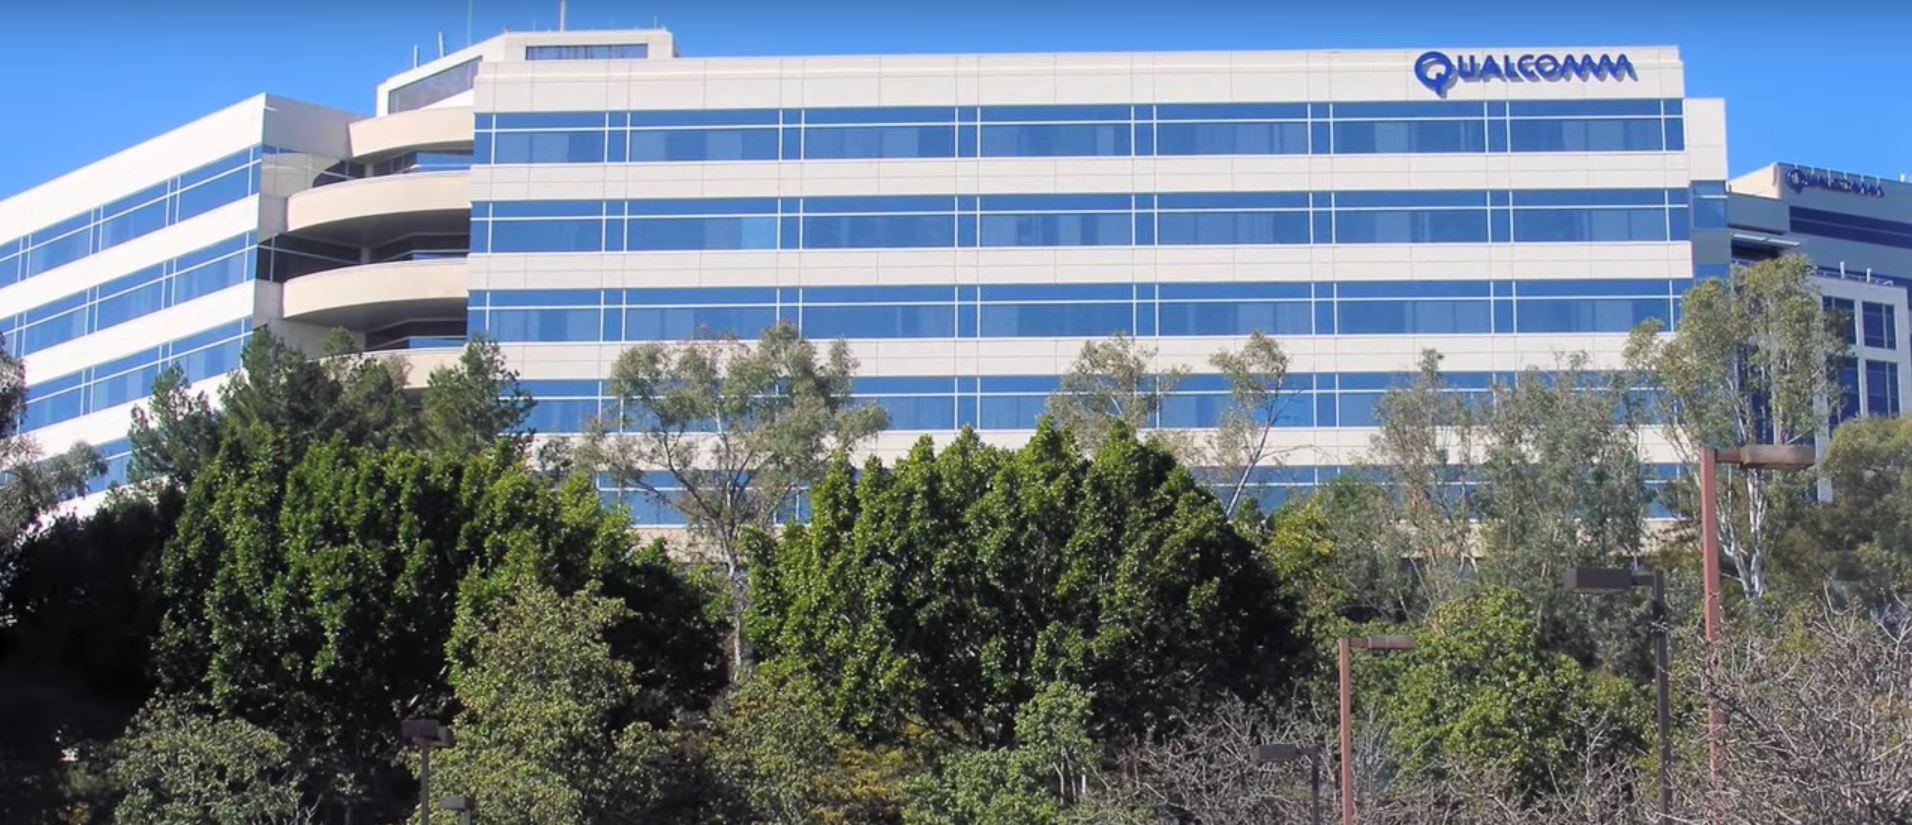 Qualcomm покупает долю TDK в «радиочастотном» бизнесе за 1,15 миллиарда долларов